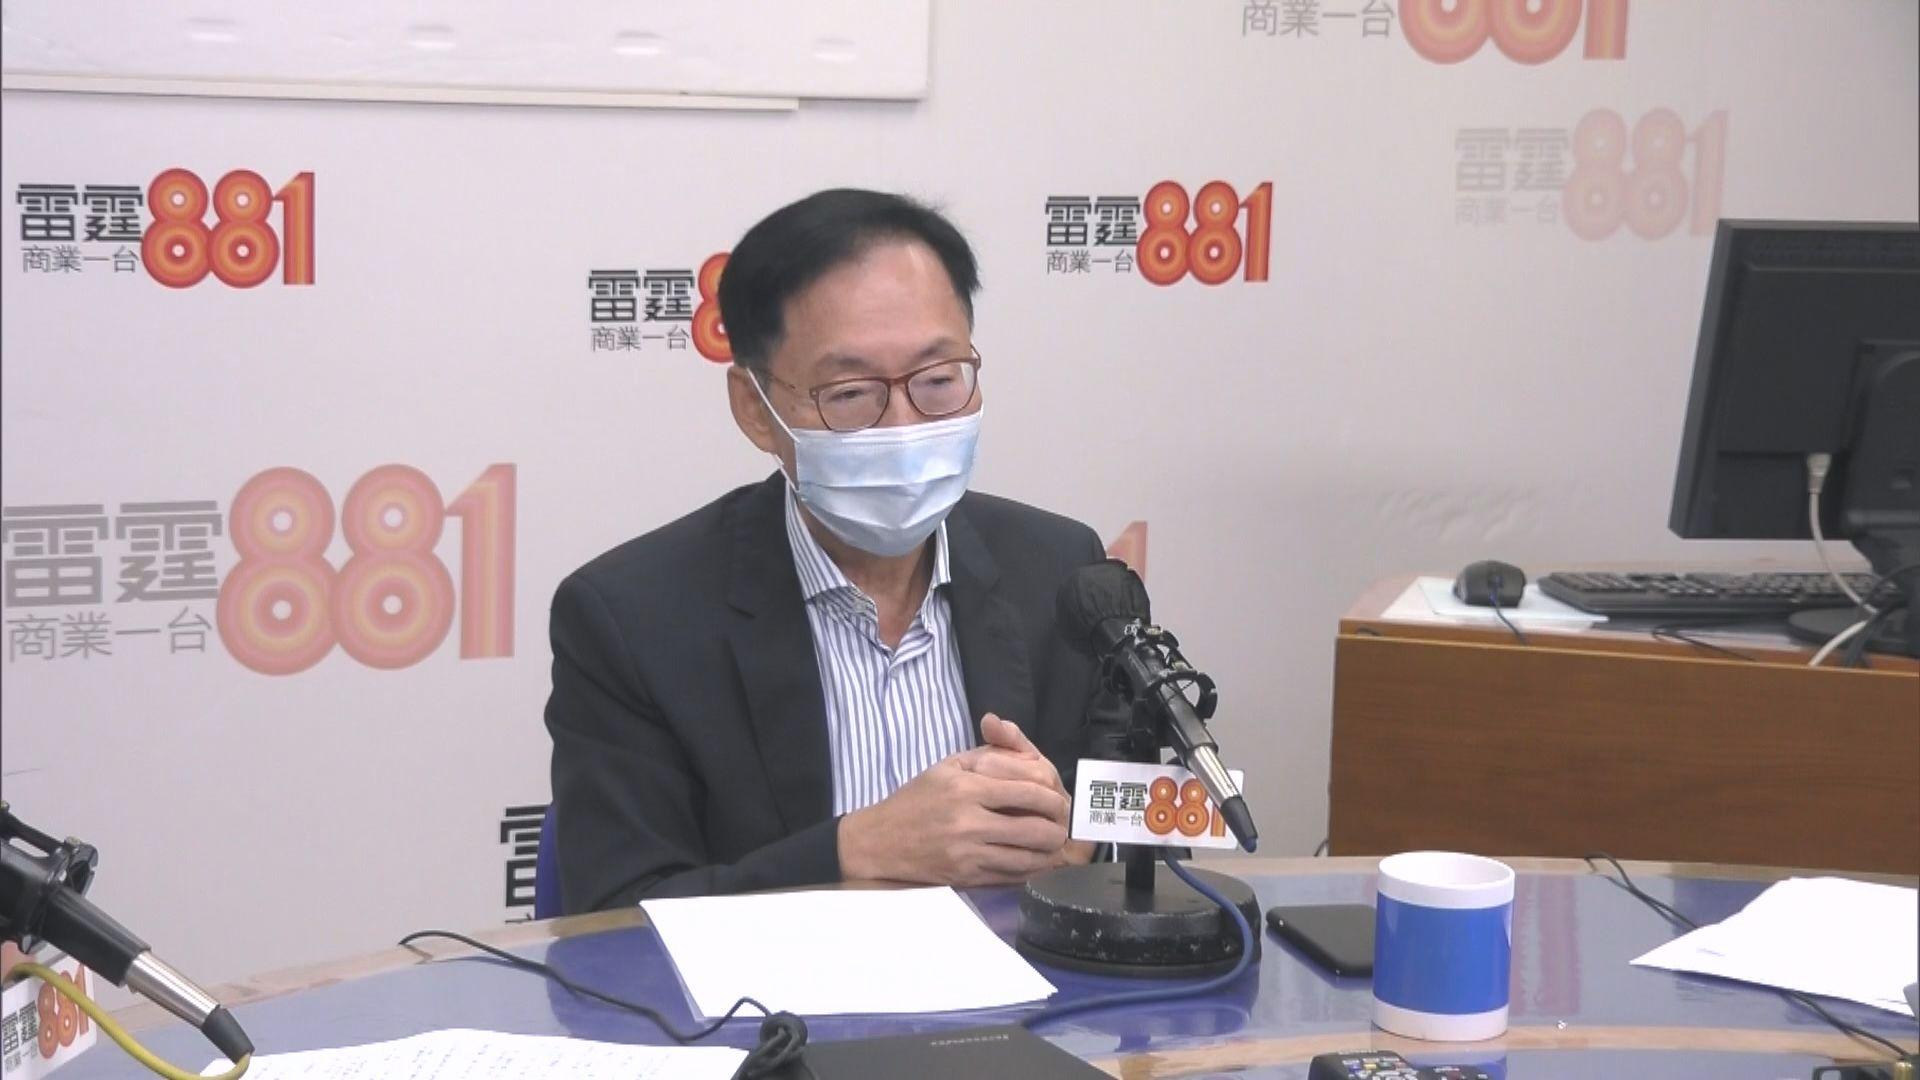 陳健波:若全部議員「托大腳」 對政府施政無好處